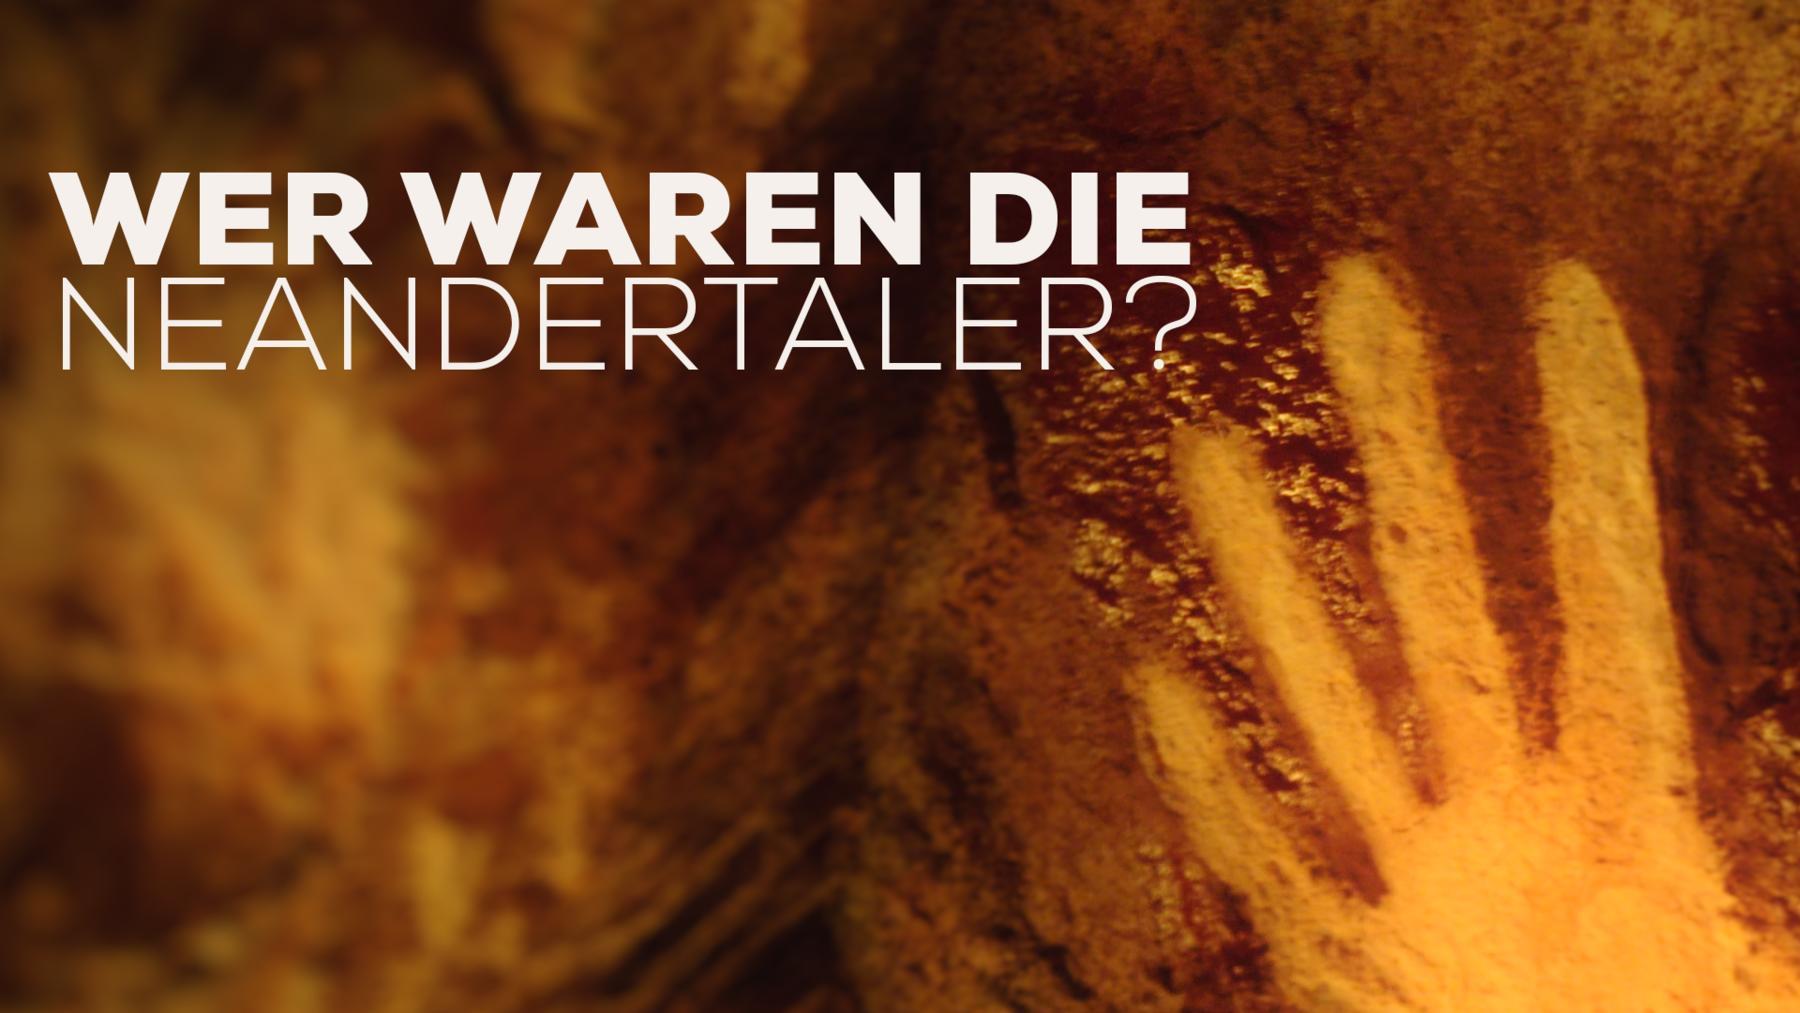 wer-waren-die-neandertaler